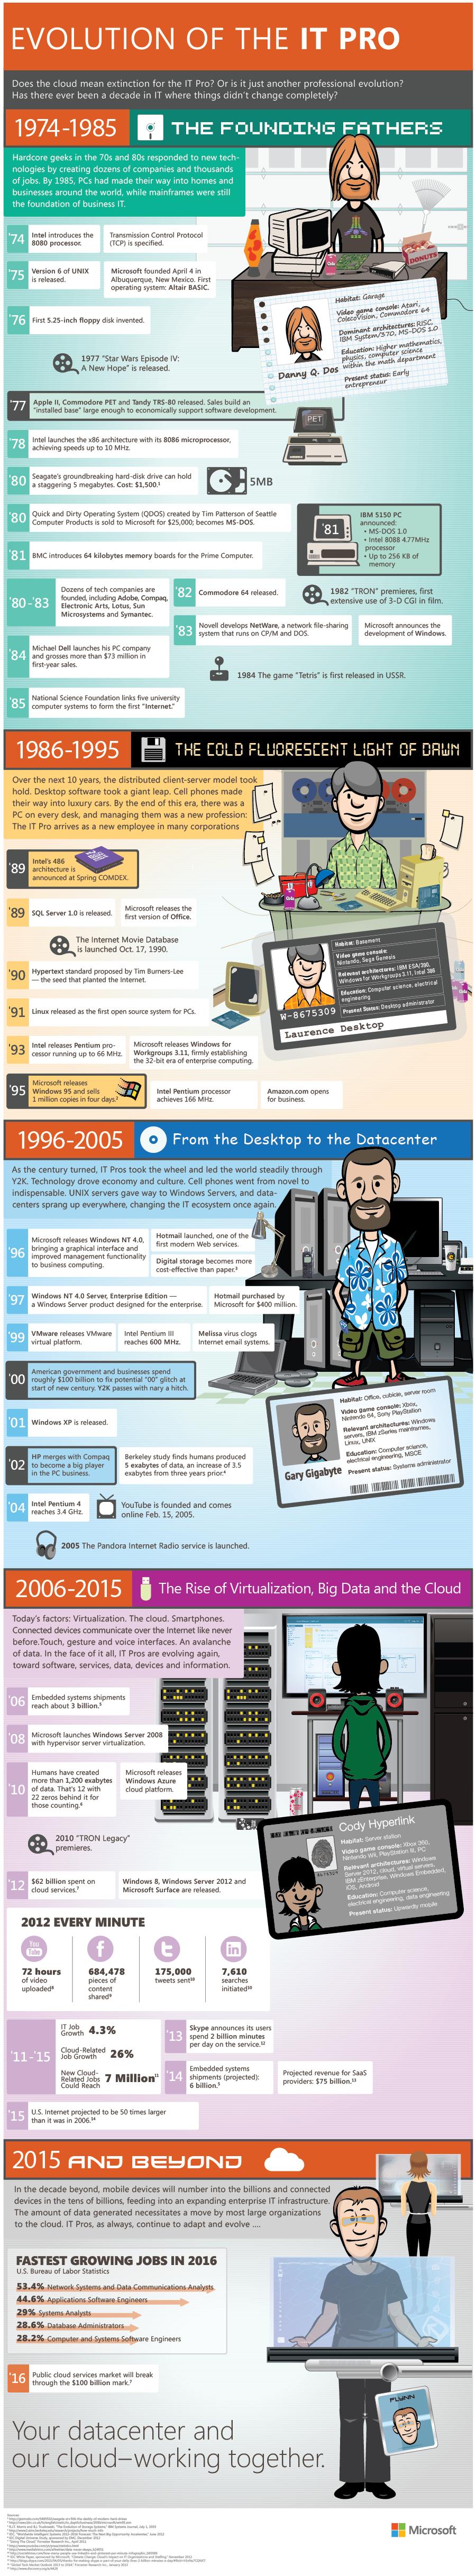 La Evolución de los Profesionales en IT